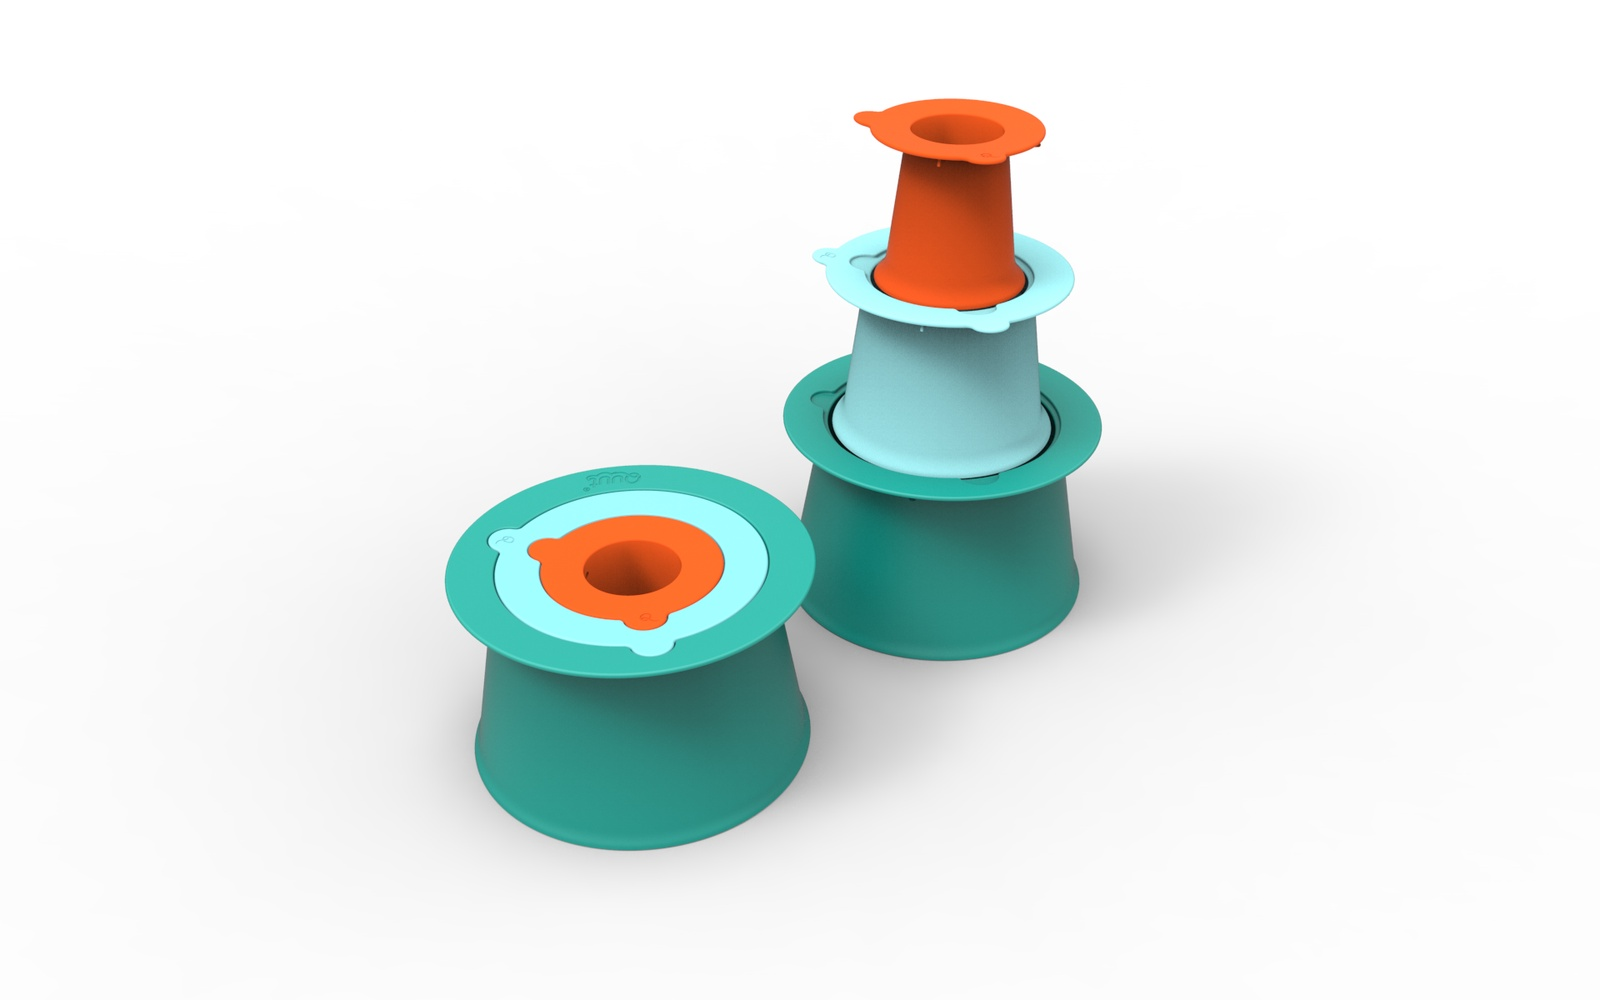 Игрушка для песочницы Quut 171393 зеленый, синий, оранжевый цена